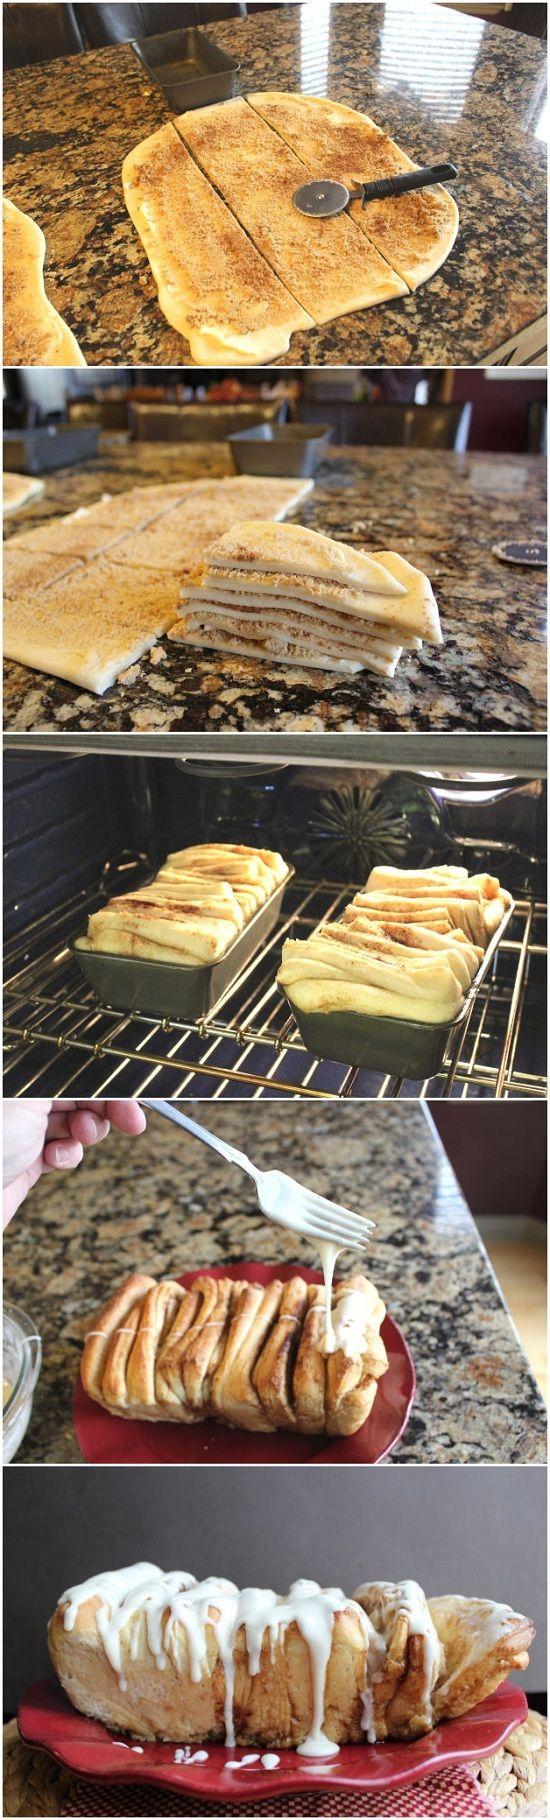 #Cinnamon #Pull-A-Part #Bread ! #Perfect for #Breakfast ! Du #pain à la #cannelle, #délicieux pour le #PetitDéjeuner !